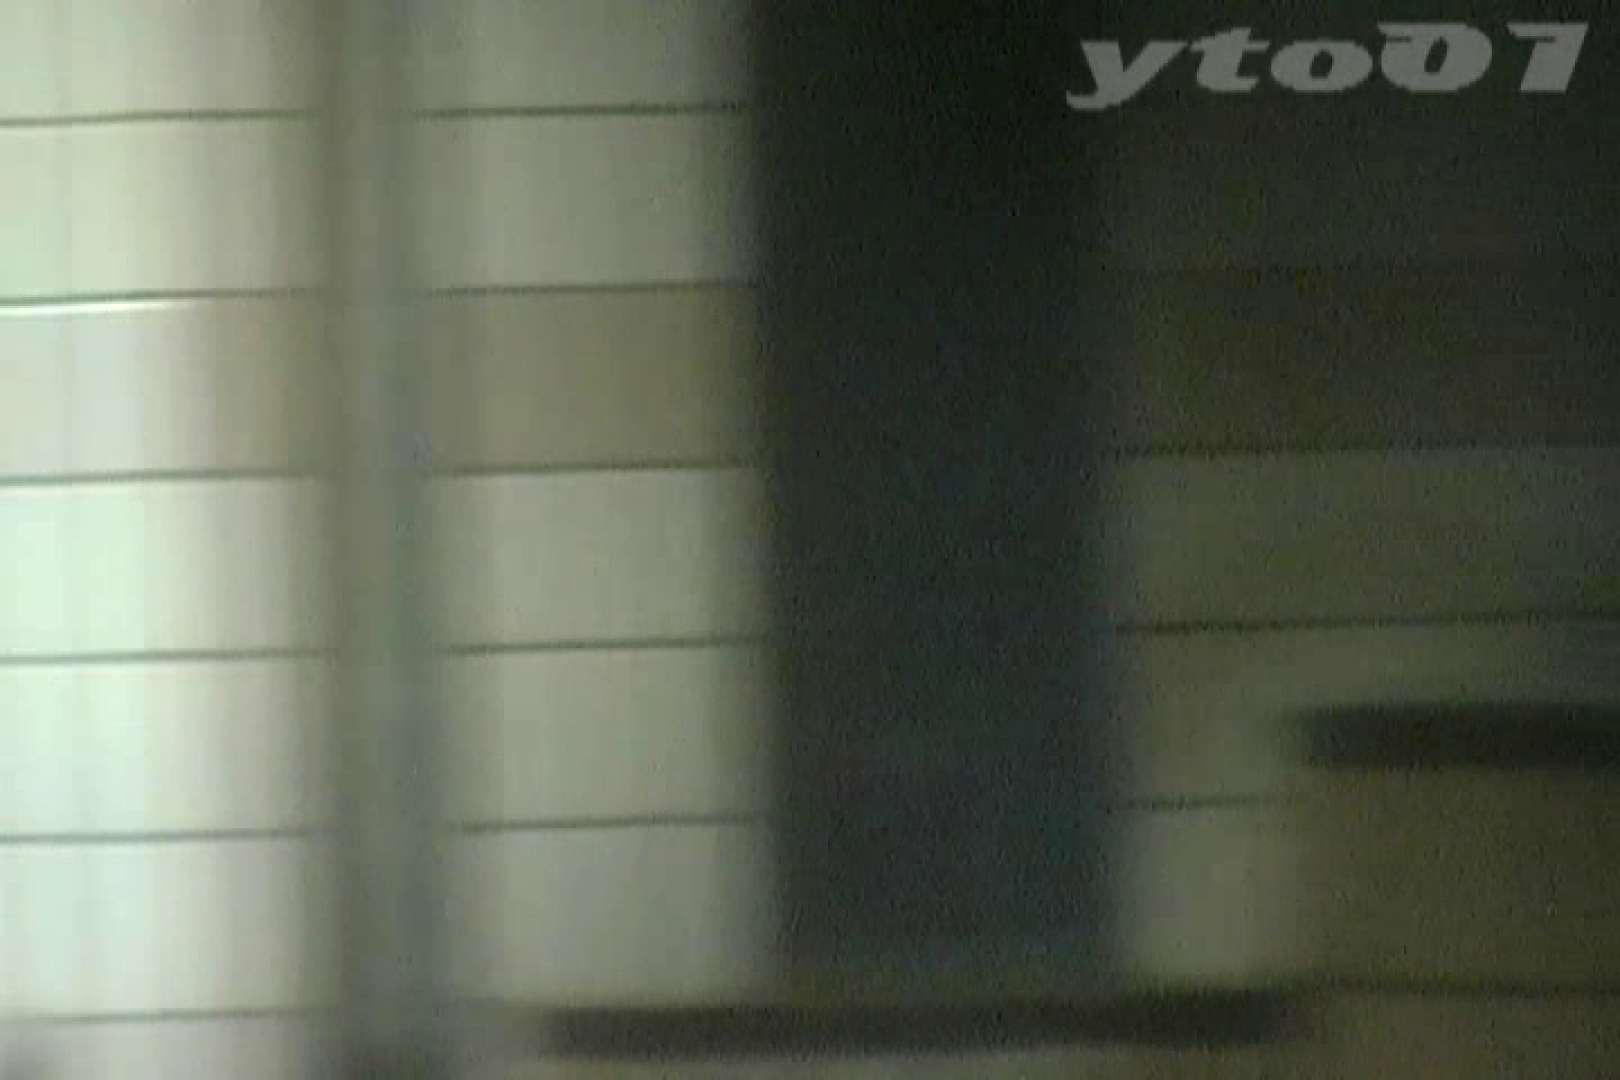 ▲復活限定▲合宿ホテル女風呂盗撮 Vol.04 女風呂 オマンコ動画キャプチャ 99PIX 54